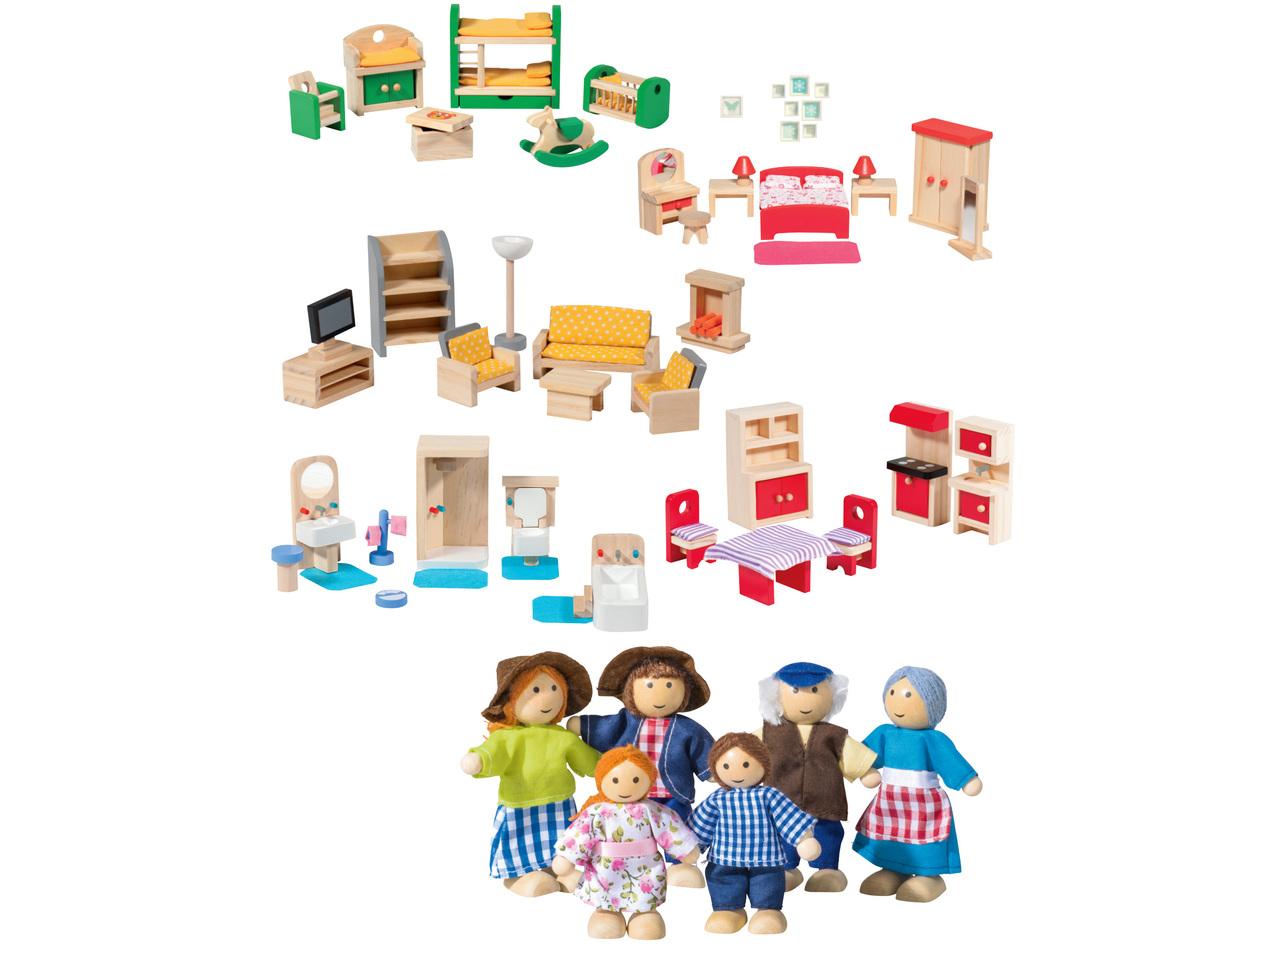 toebehoren poppe 699 - Geweldig (budget!) houten speelgoed tips voor Sinterklaas